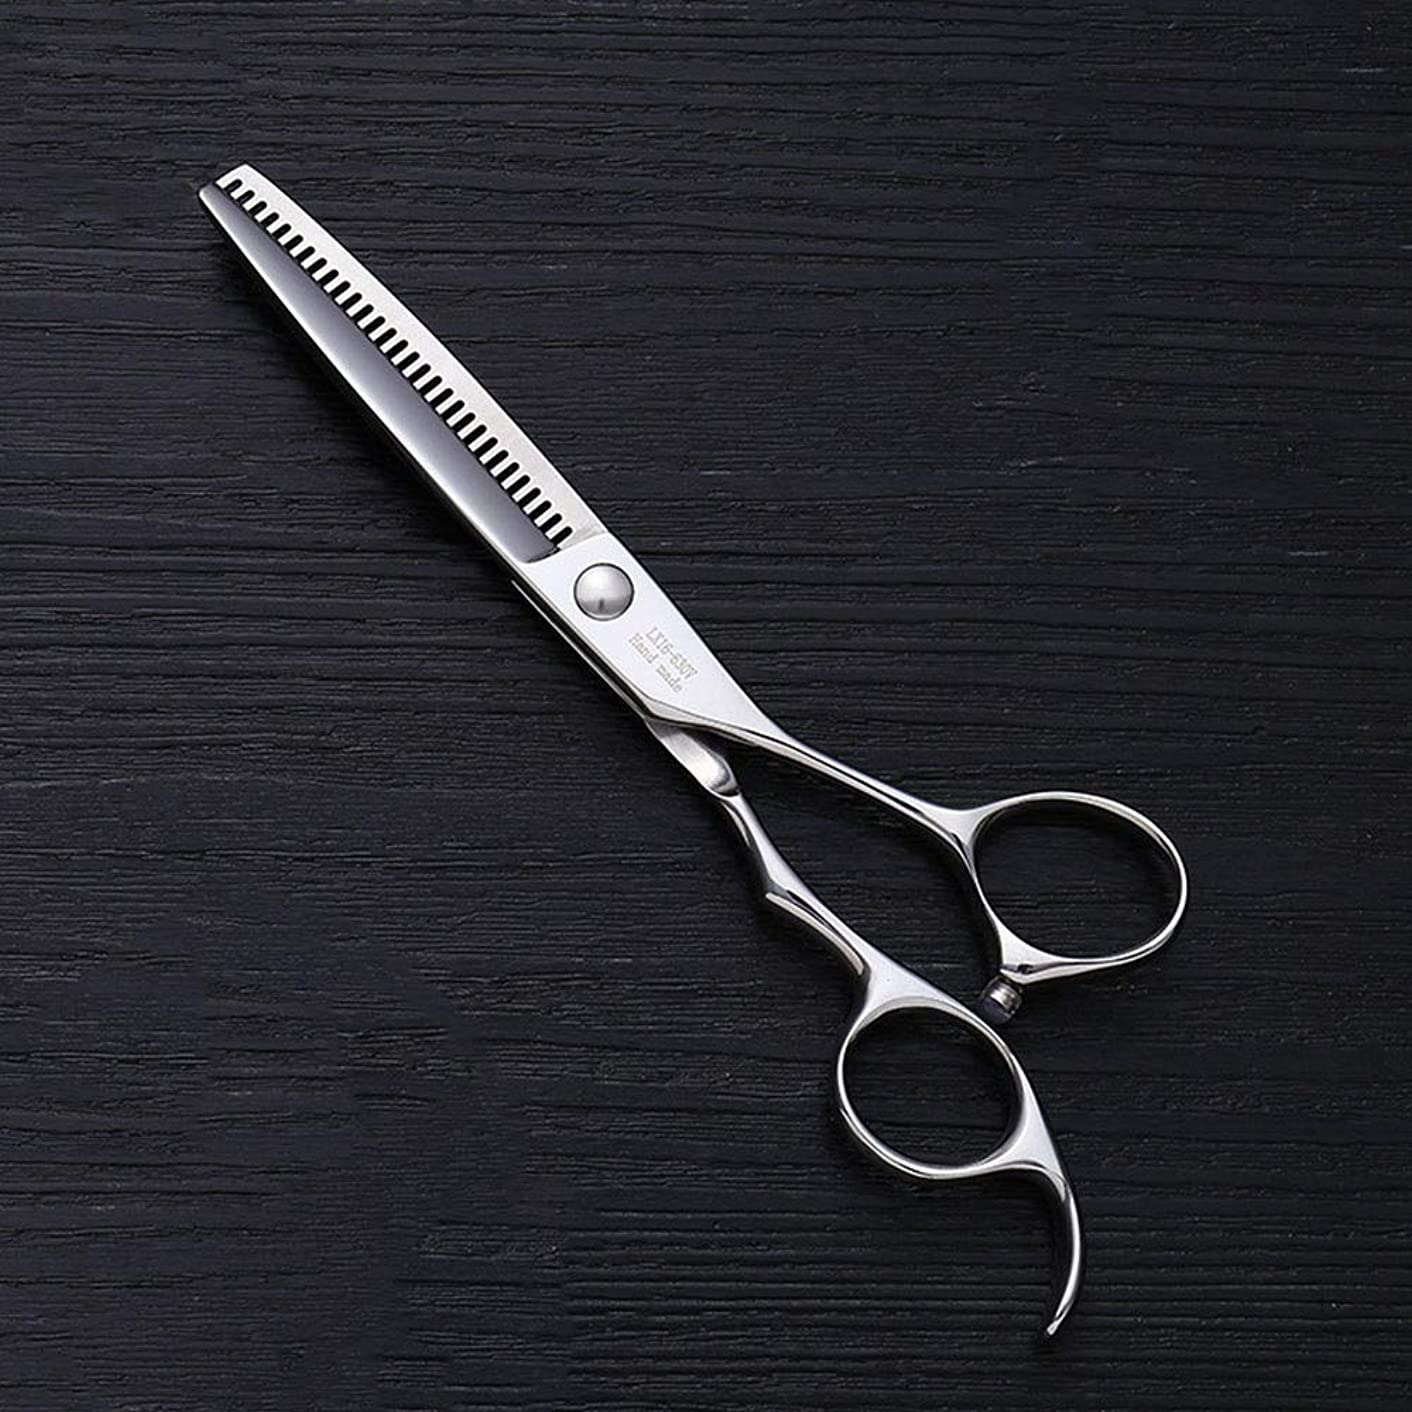 シビック電話政治家6インチの美容院のステンレス鋼の専門のバリカン、30本の歯の魚の骨は専門の薄いせん断を切りました モデリングツール (色 : Silver)